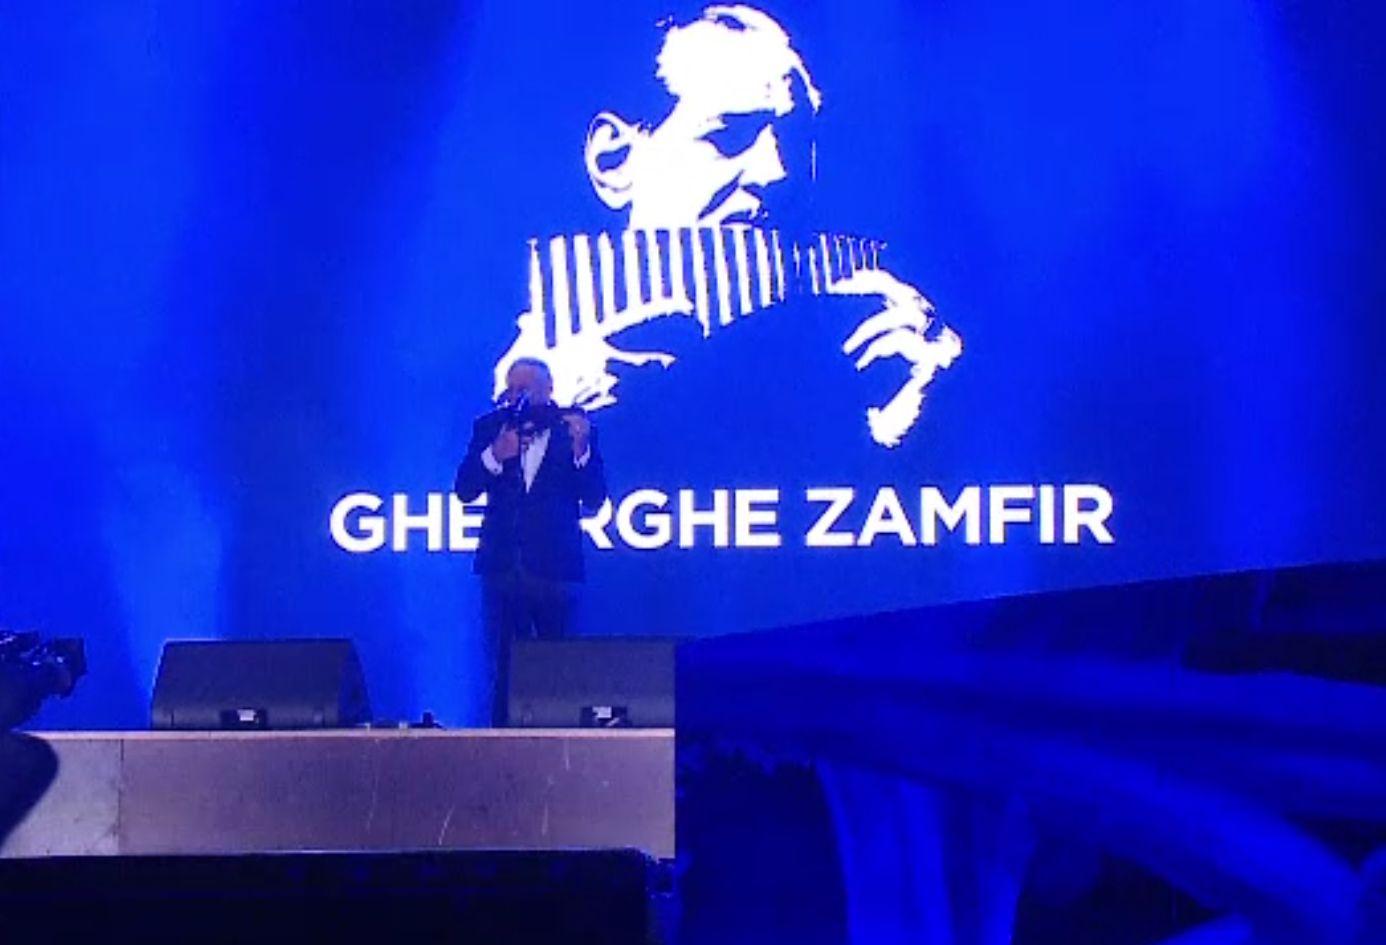 """Noapte magică la """"Untold"""", cu Gheorghe Zamfir și naiul său fermecat. Surprizele de sâmbătă seara"""